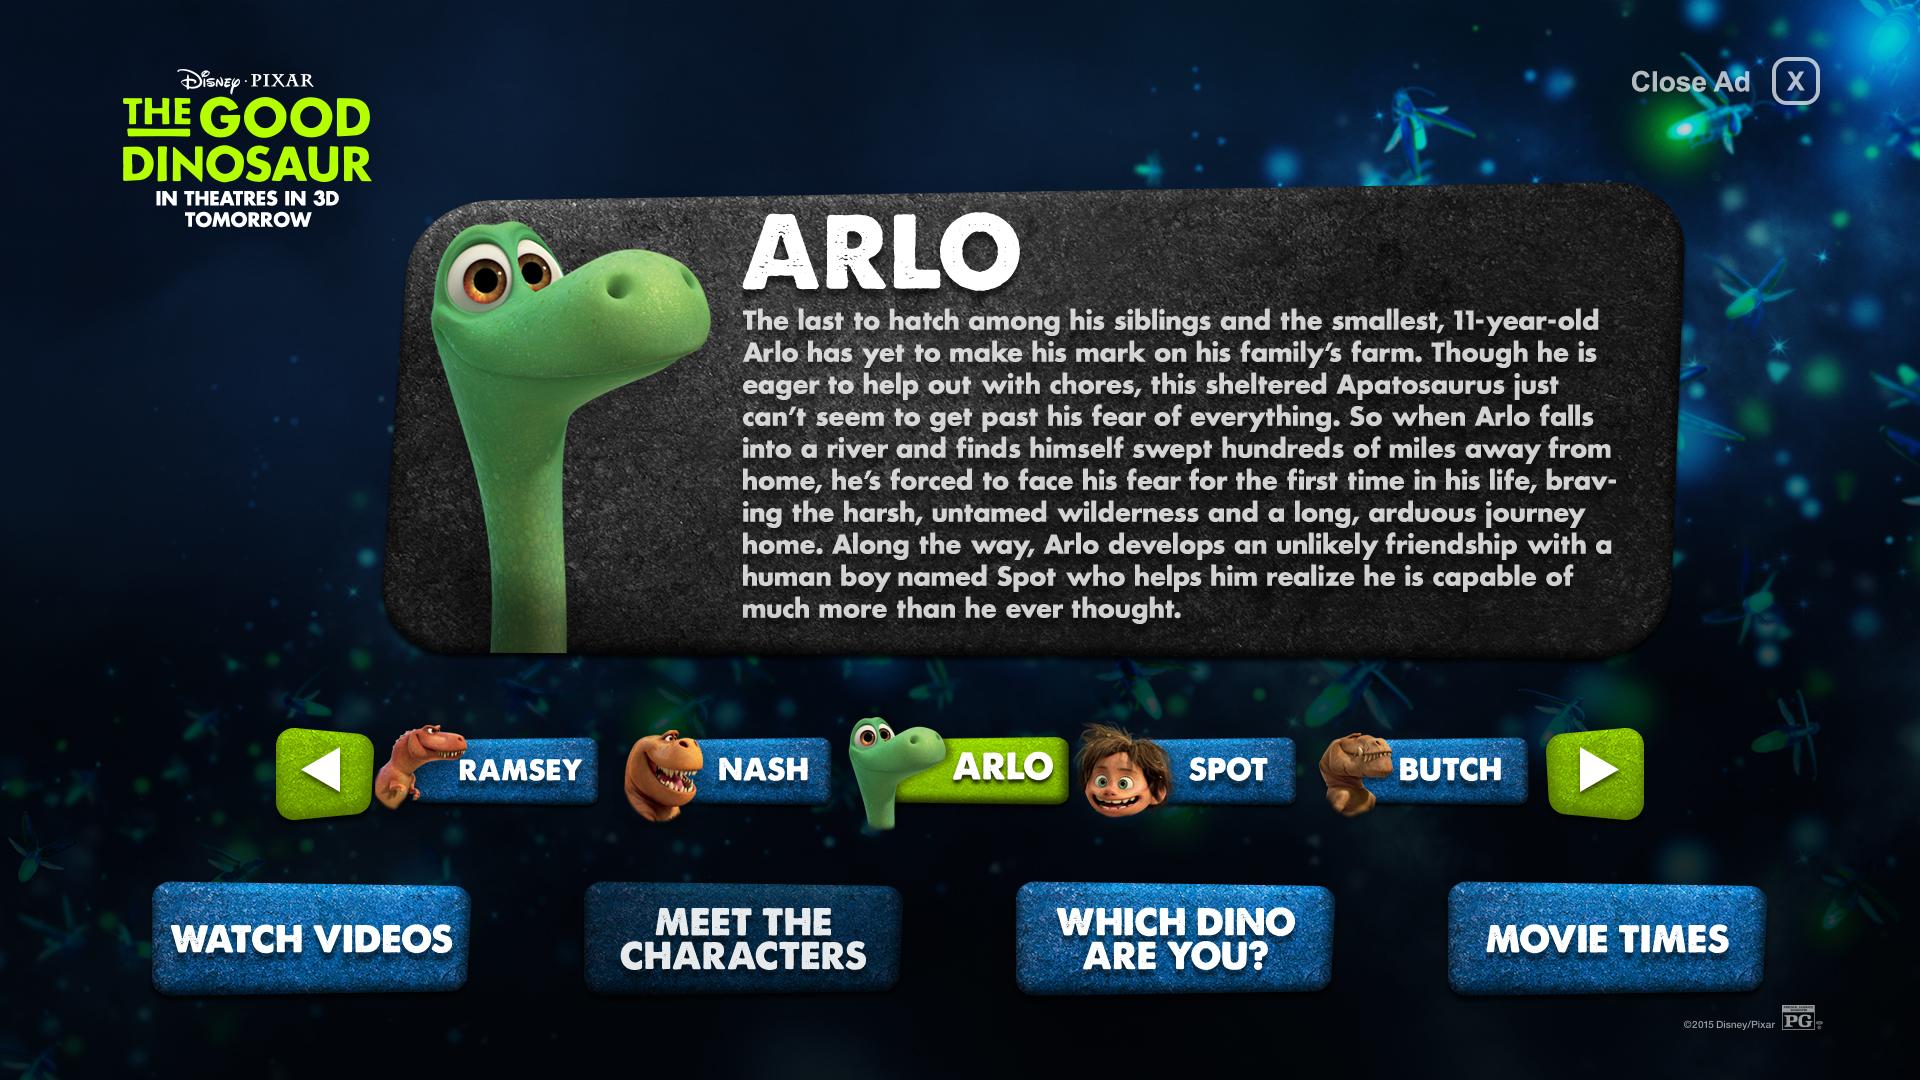 tgd_2_meet-characters-arlo.jpg